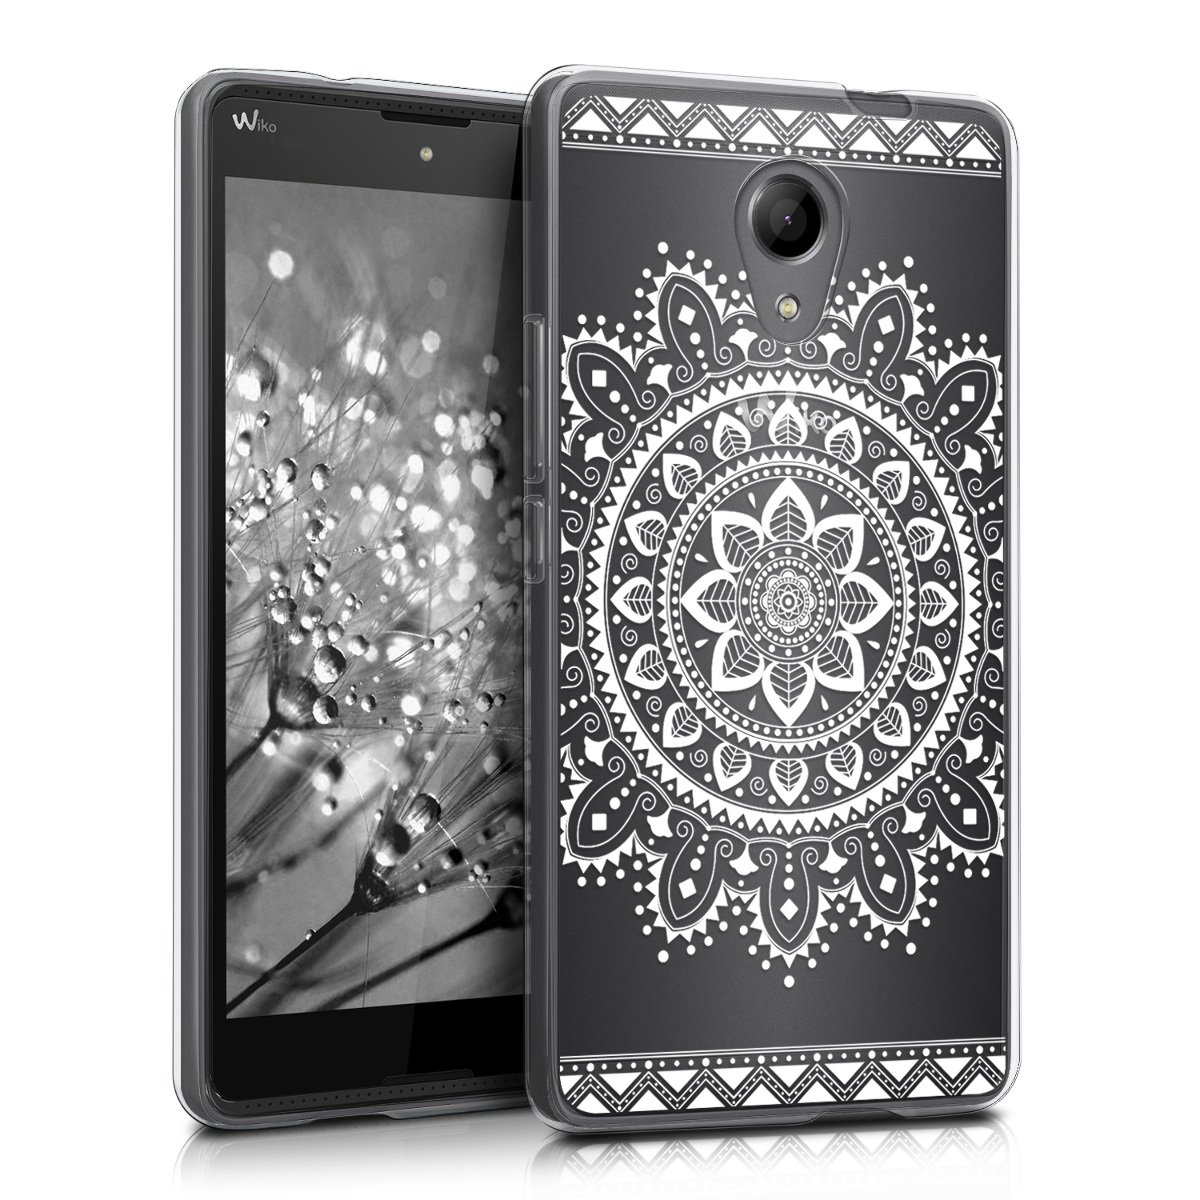 kwmobile Funda para Wiko Robby - Carcasa de [TPU] para móvil y diseño de Flores Aztecas en [Blanco/Transparente]